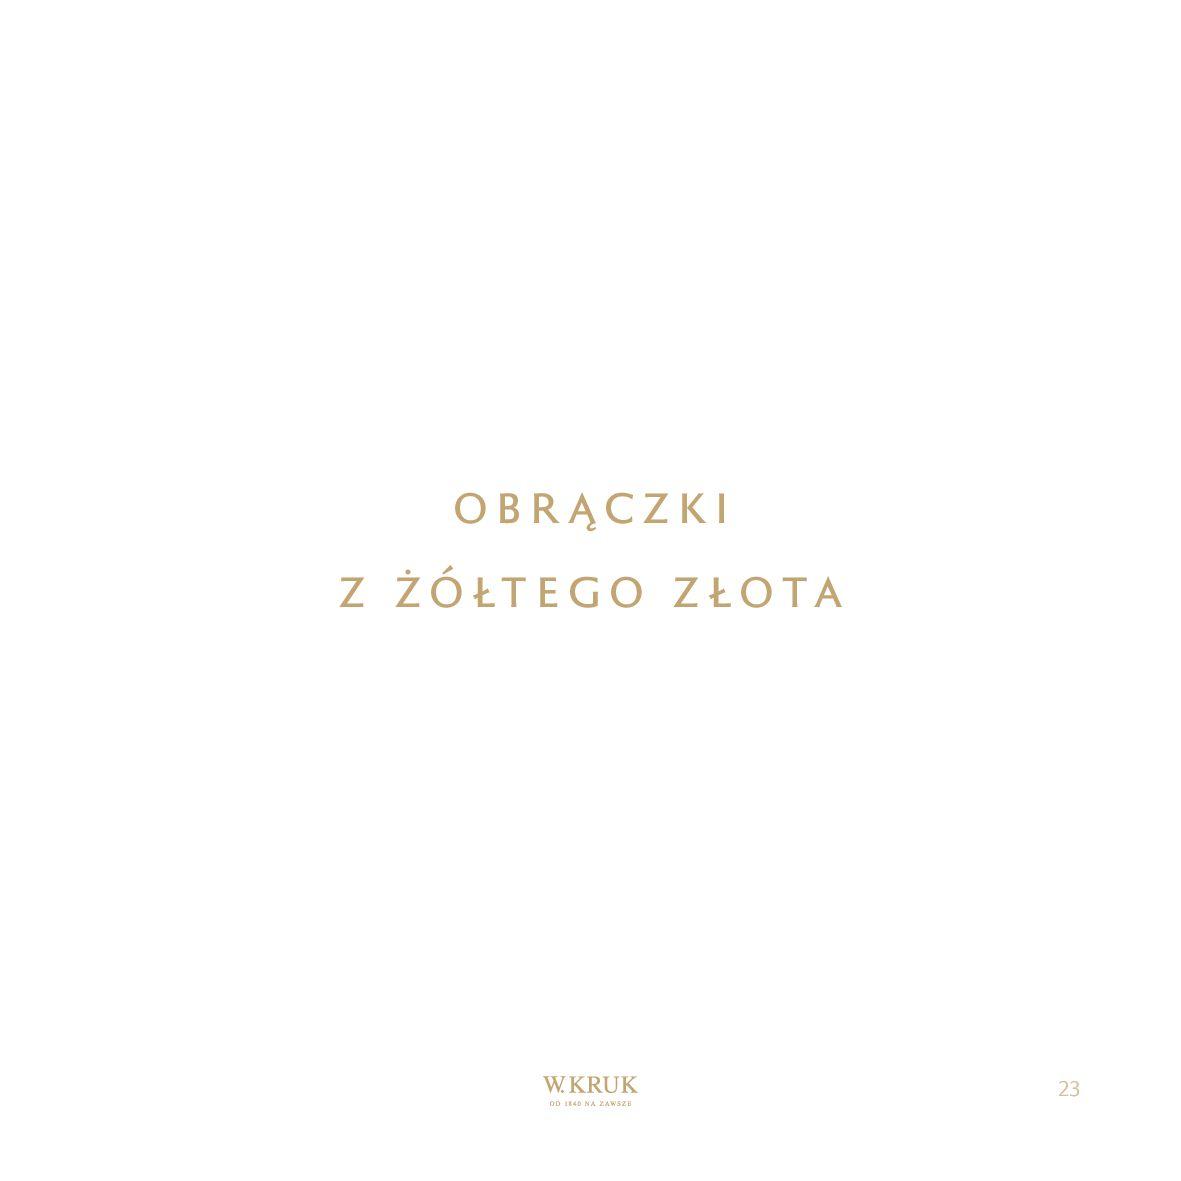 Gazetka W. KRUK: Katalog - Obrączki 2021-02-17 page-25